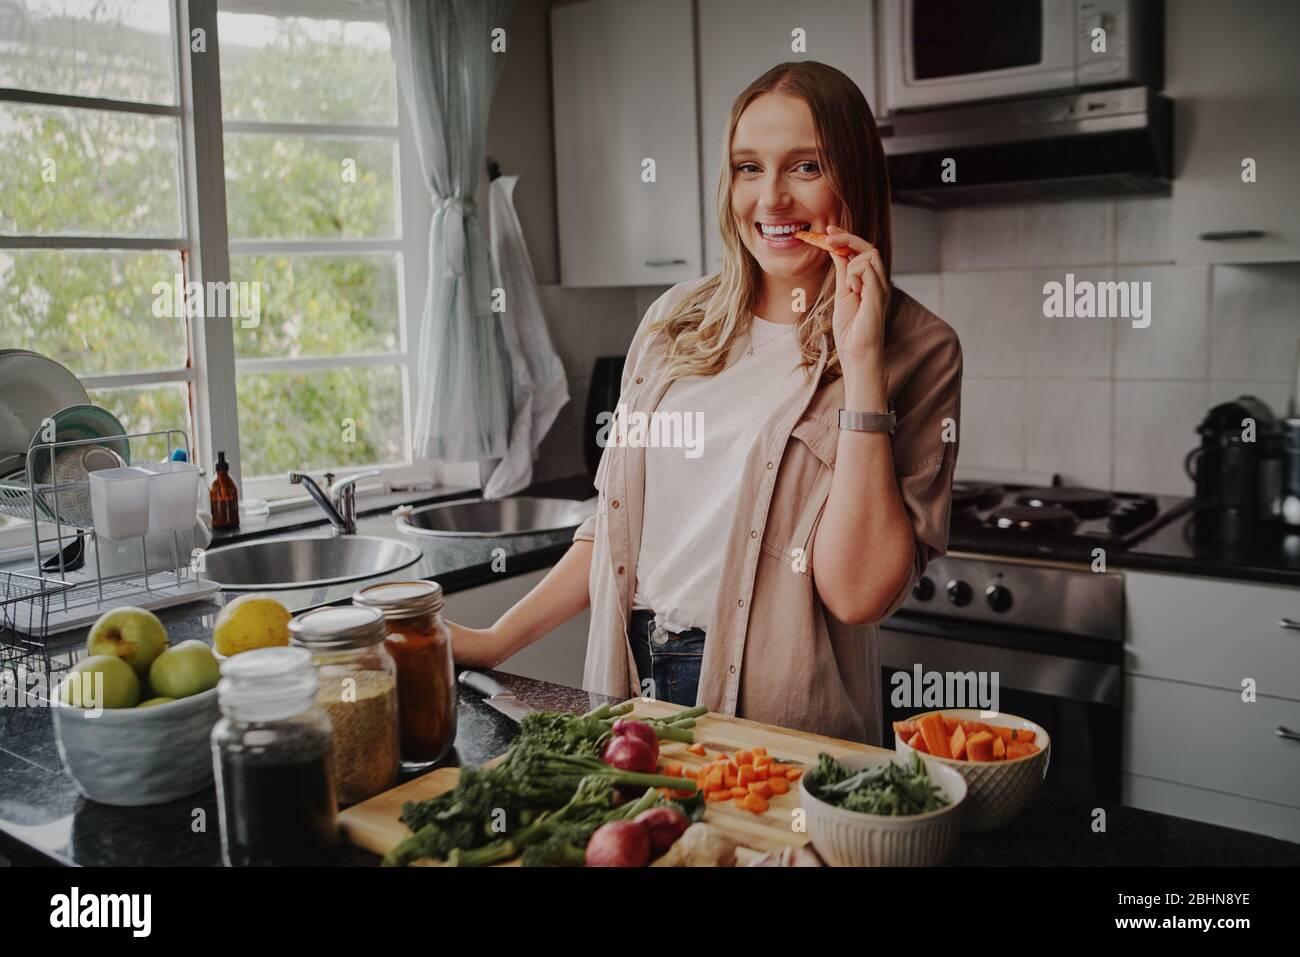 Jeune femme gaie dans la cuisine moderne préparant salade de légumes frais et manger une carotte souriant à l'appareil photo Banque D'Images